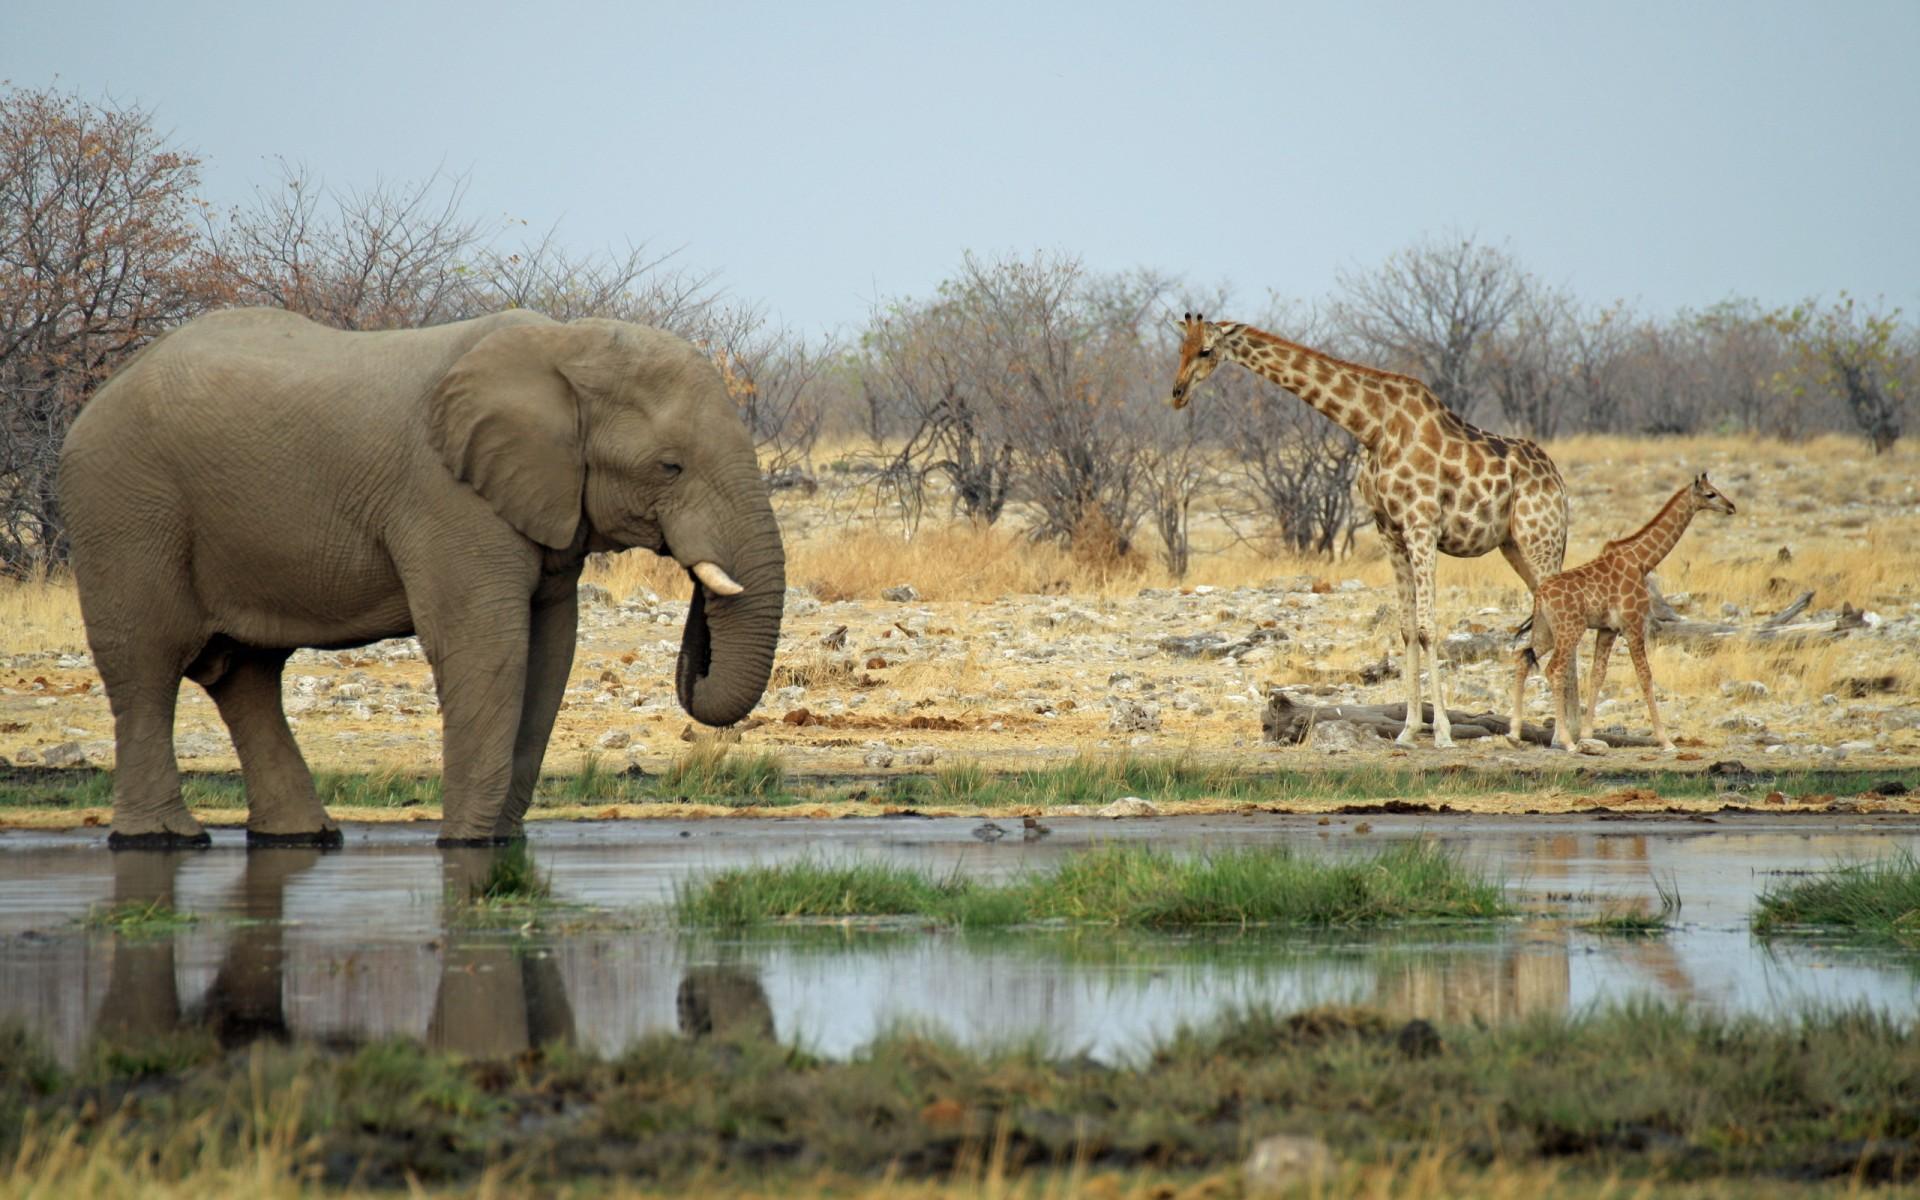 Elephant Giraffe Hd Desktop Wallpaper Widescreen High